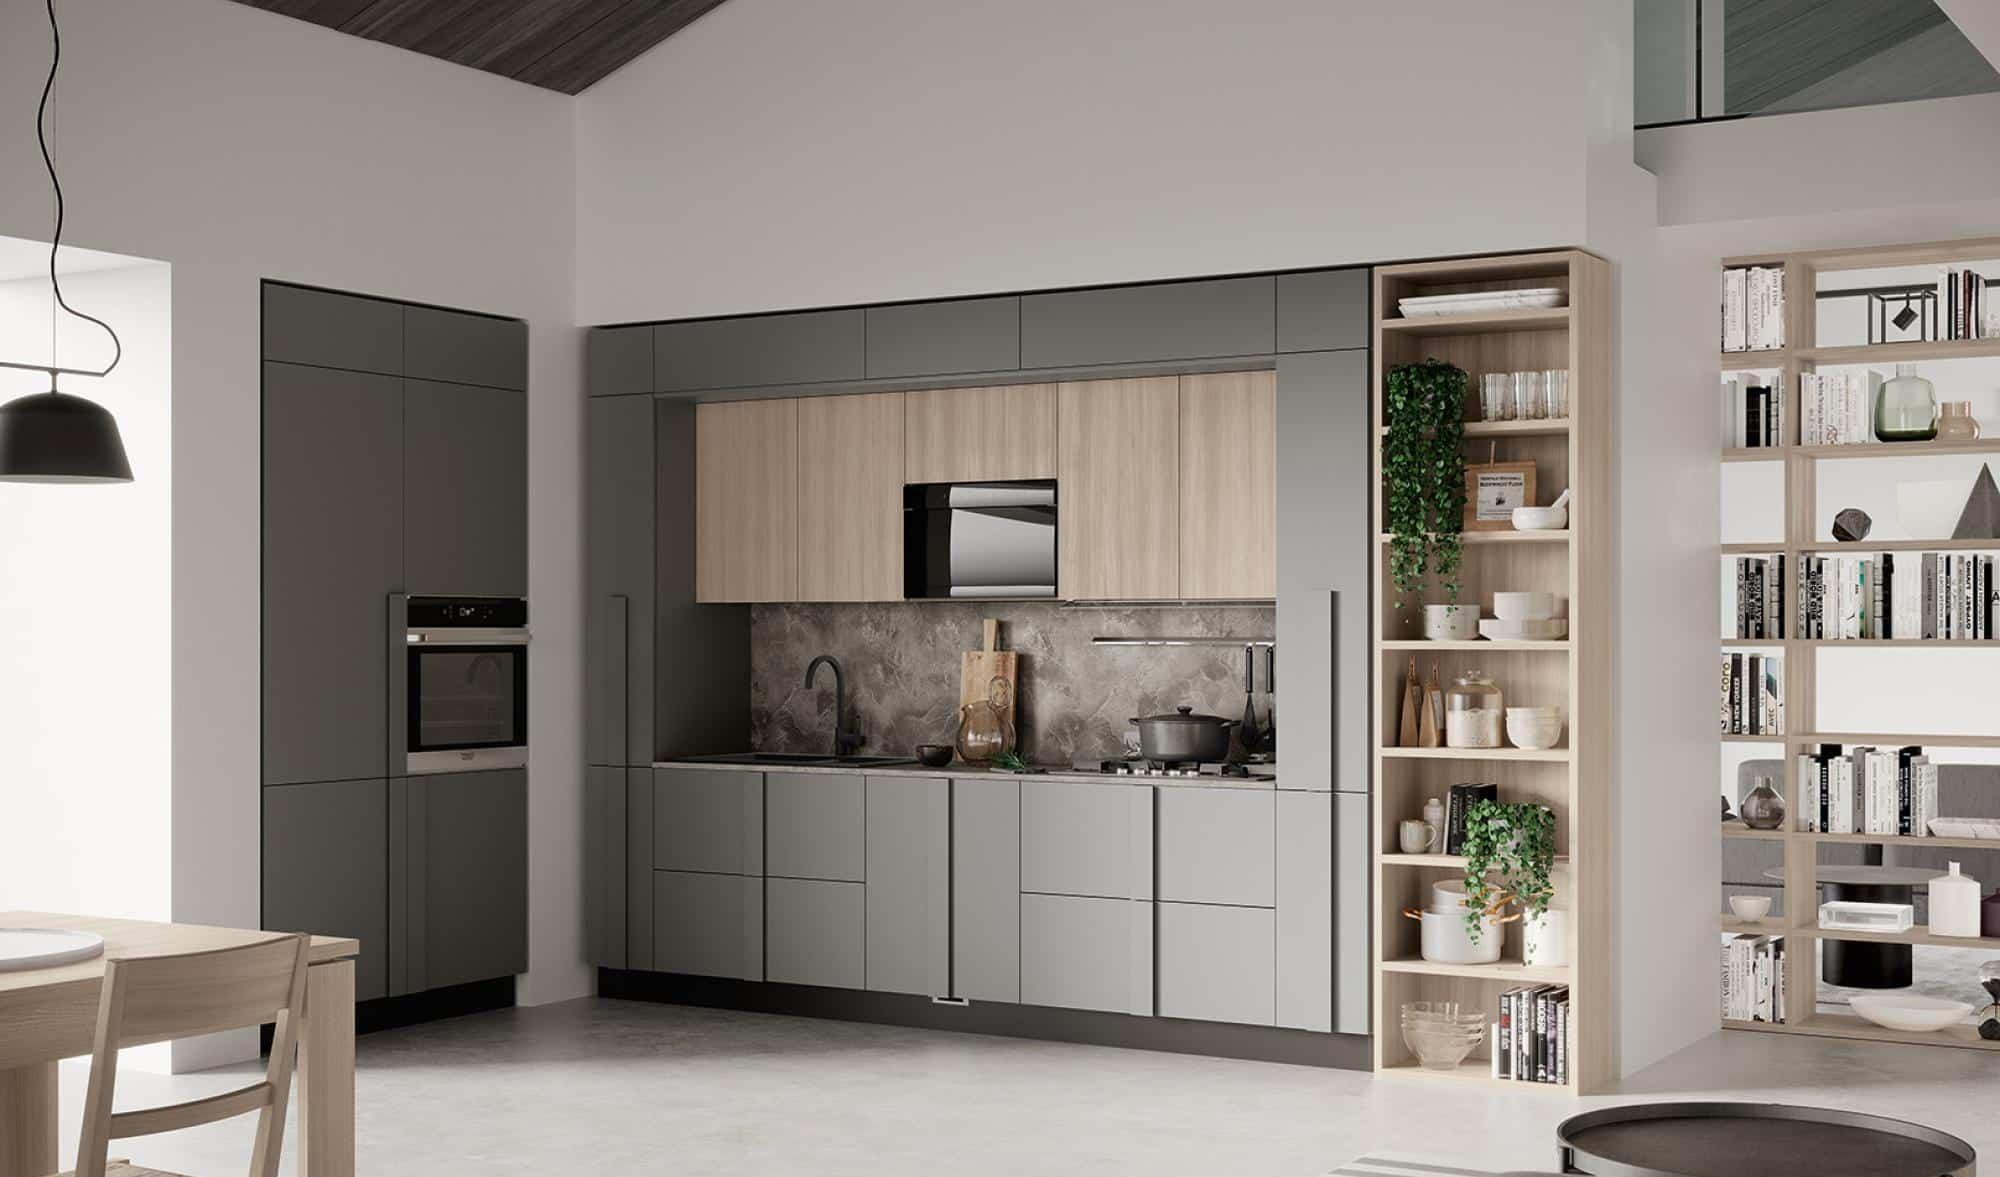 Κουζινα σε γκρι ματ και υφη ξυλου με ιδιο χρωματισμο μεγαλο πομολο